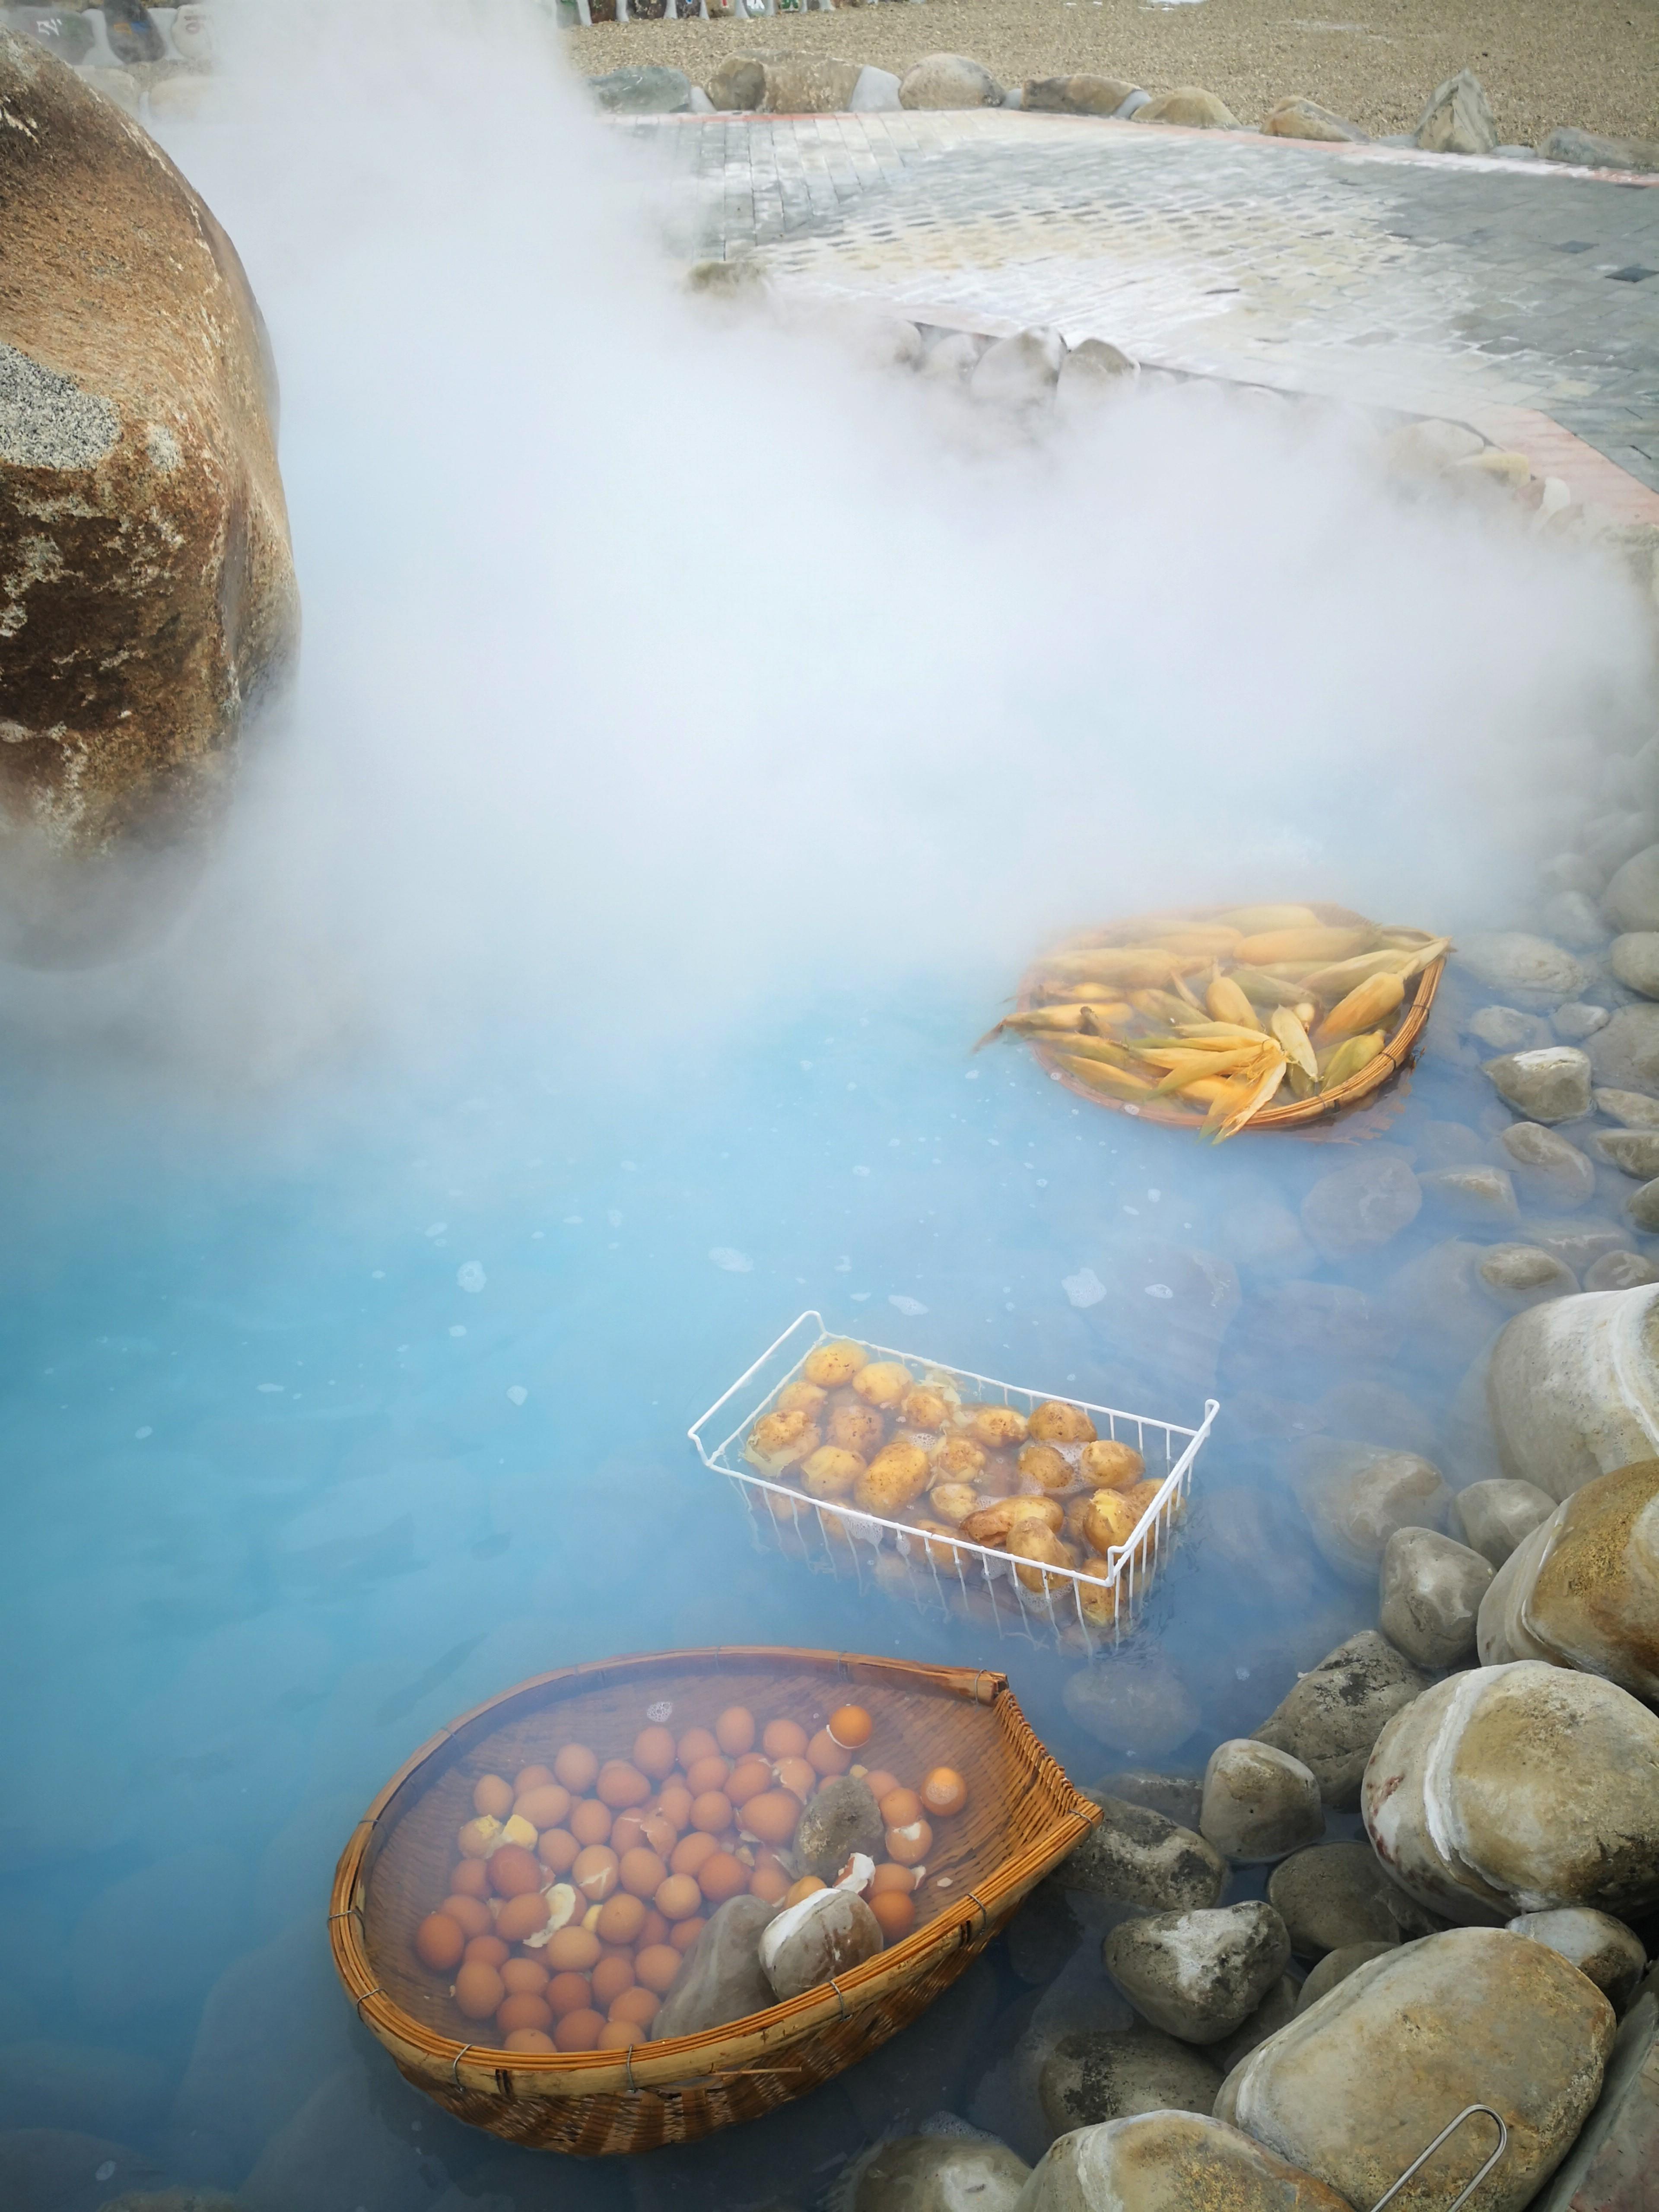 温泉の微生物6万種超 世界の160カ所を調査